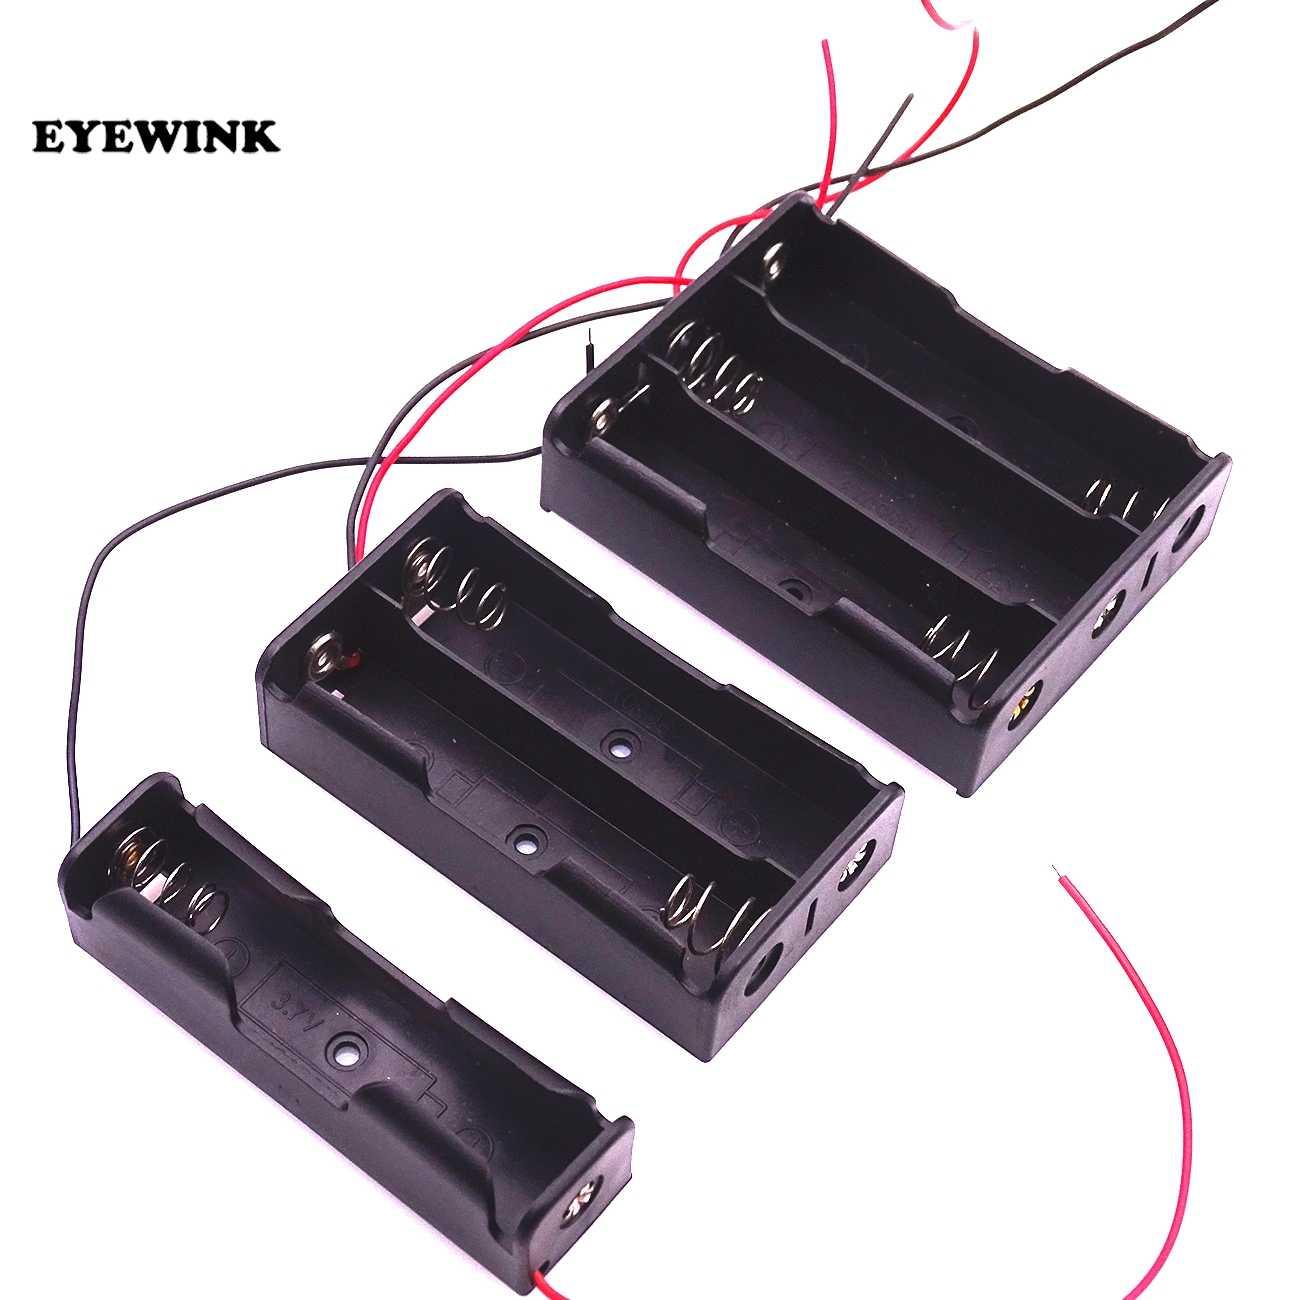 16850 Scatola di Immagazzinaggio Della Cassa del Supporto di Plastica Della Cassa di Batteria Con Cavi di Legare per 2x18650 Batterie di Saldatura